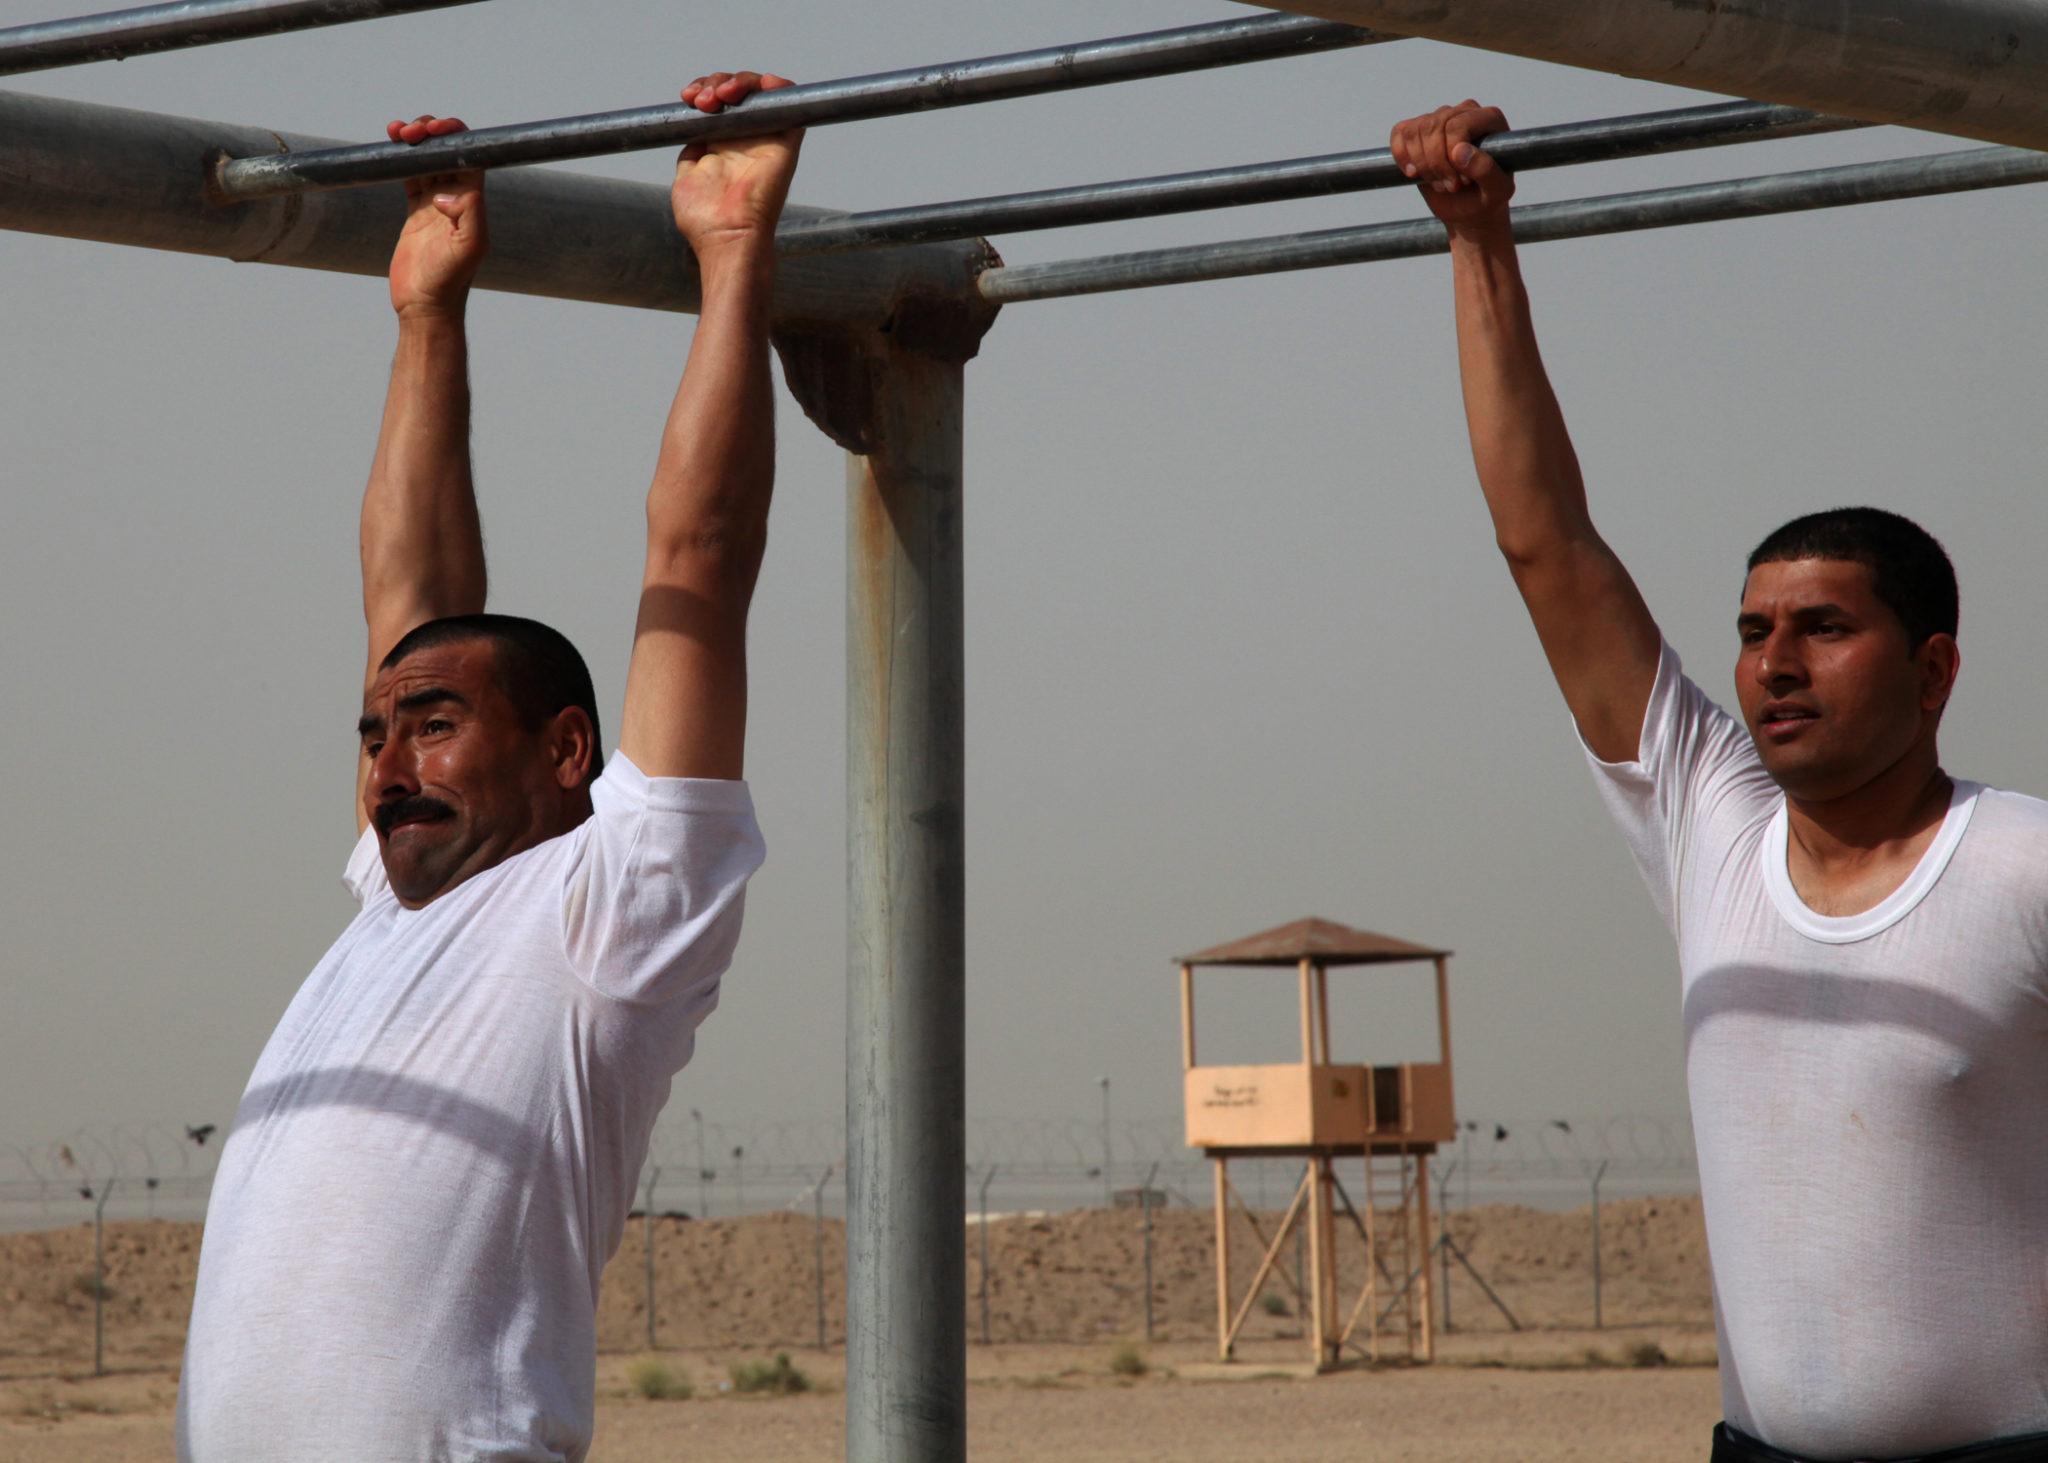 упражнения для спины на турнике